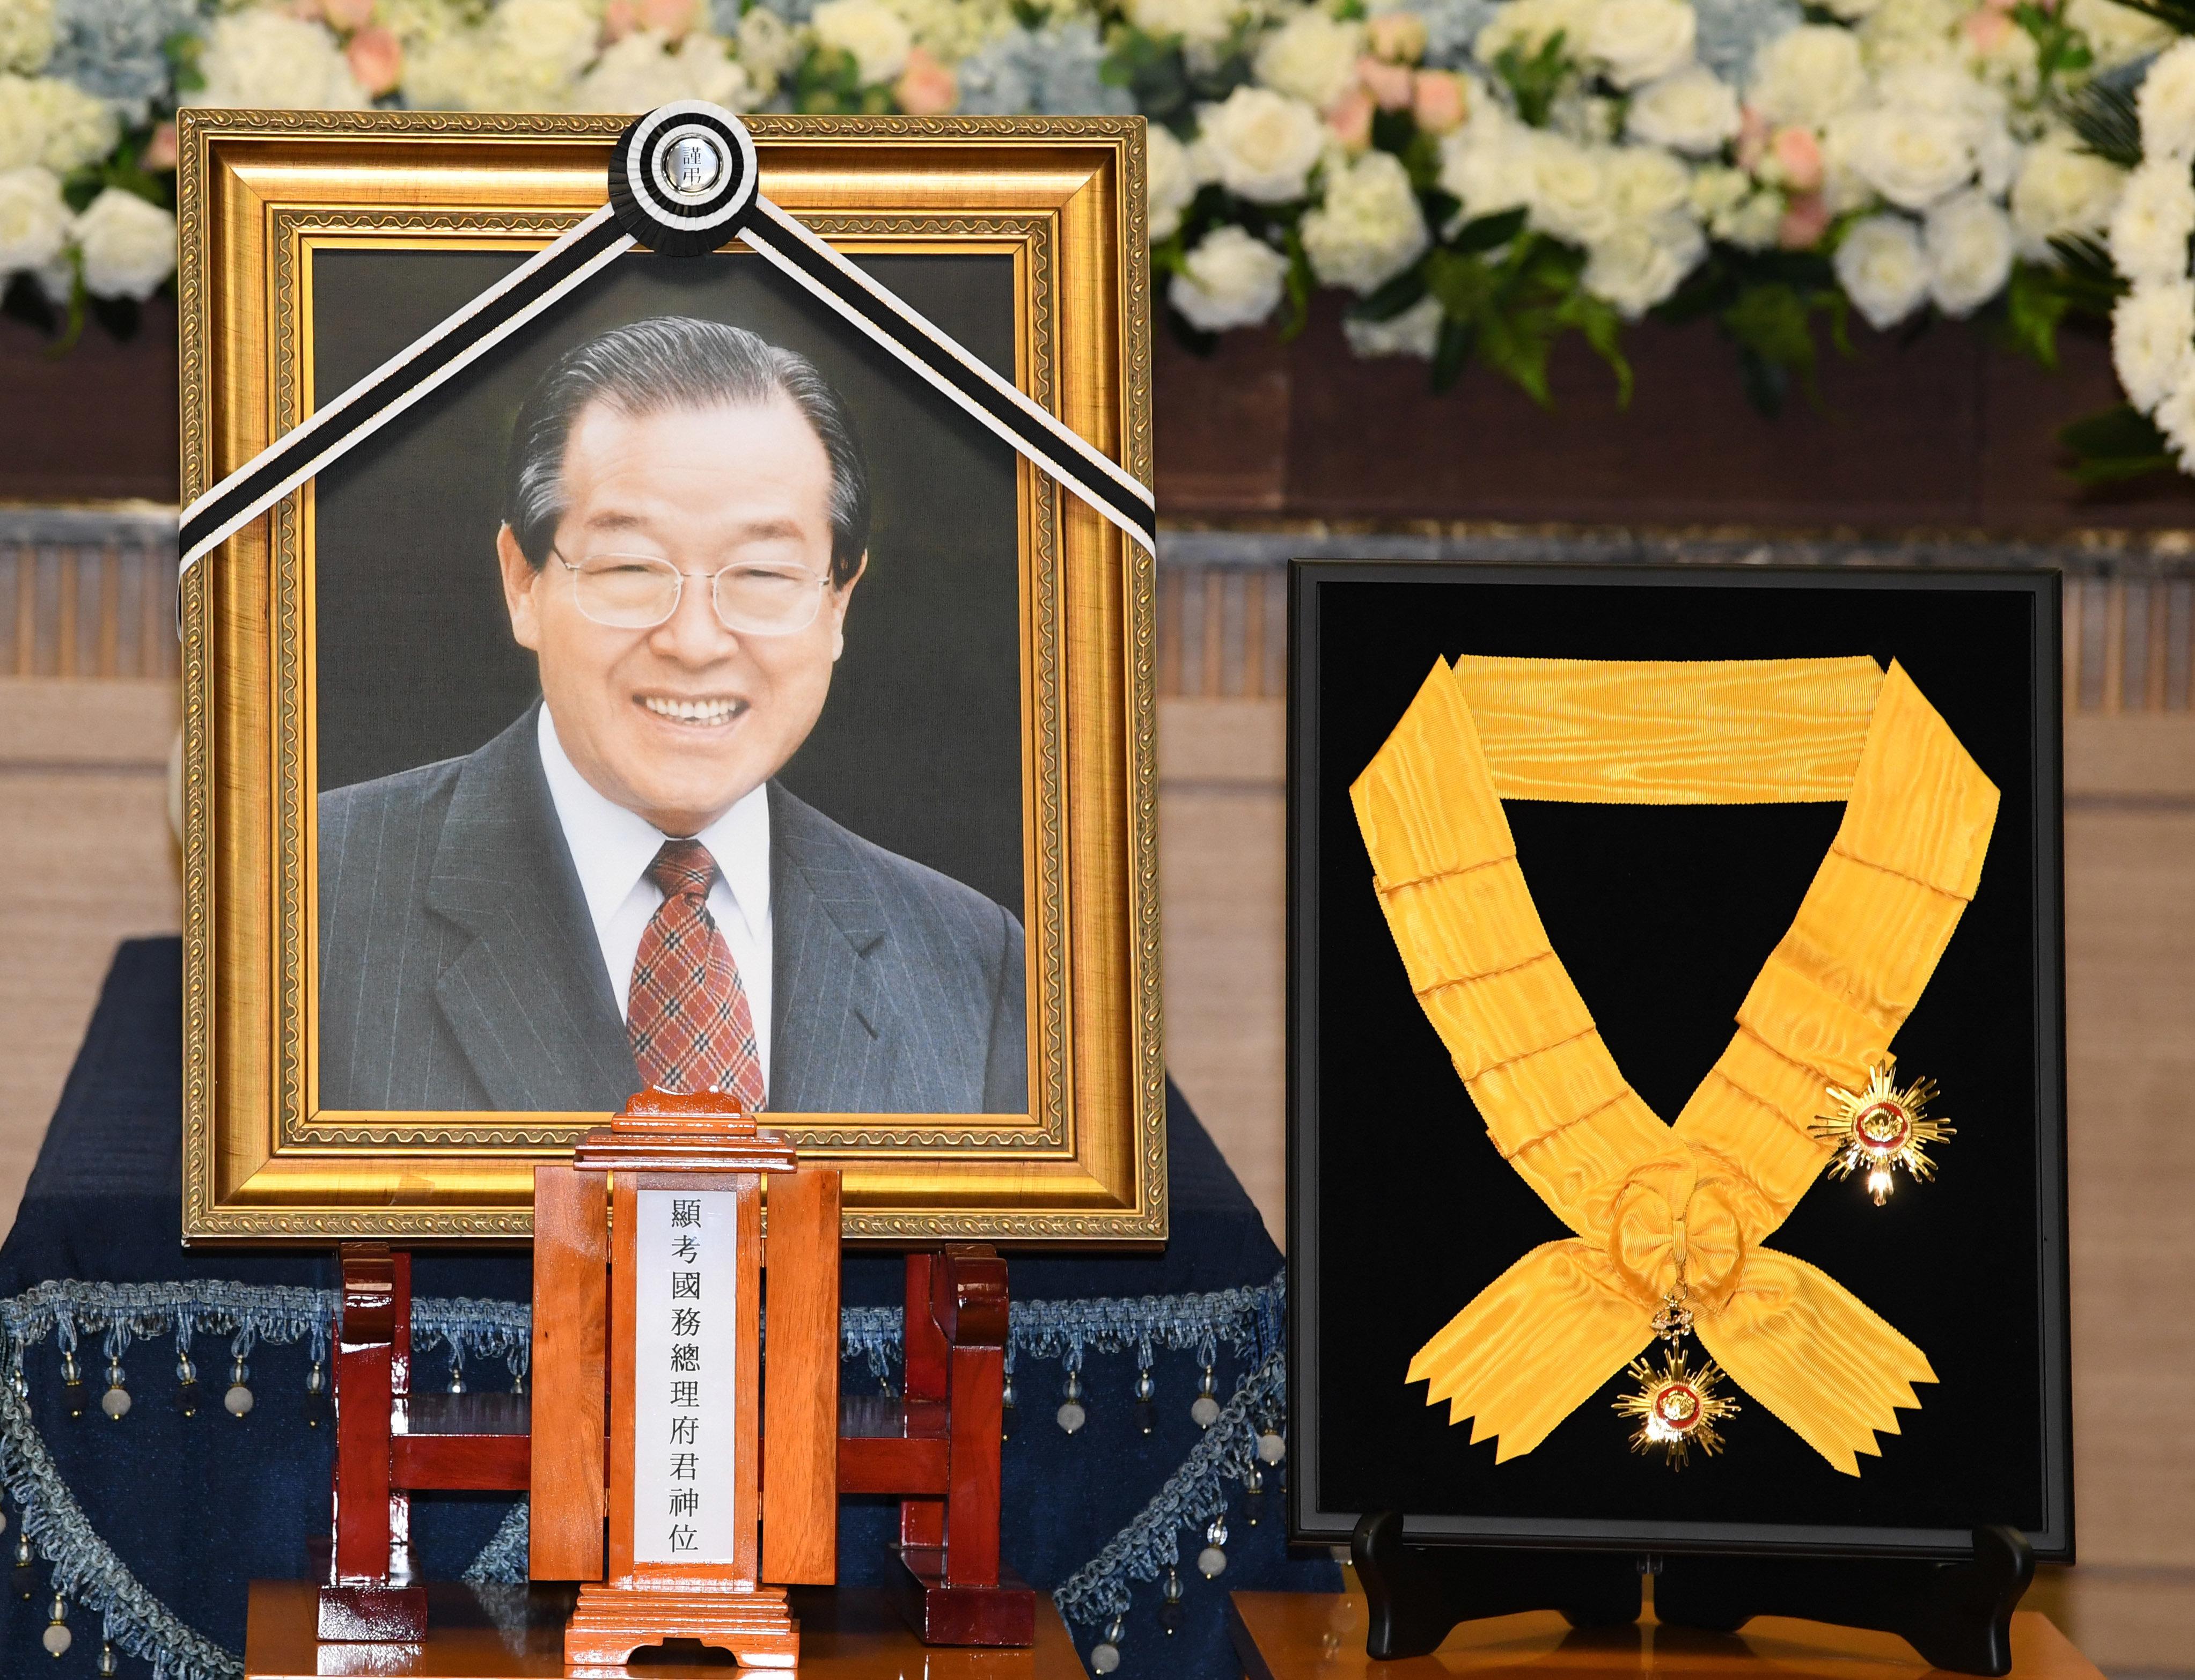 김종필의 유언집에 적힌 '5·16 쿠데타 일으킨